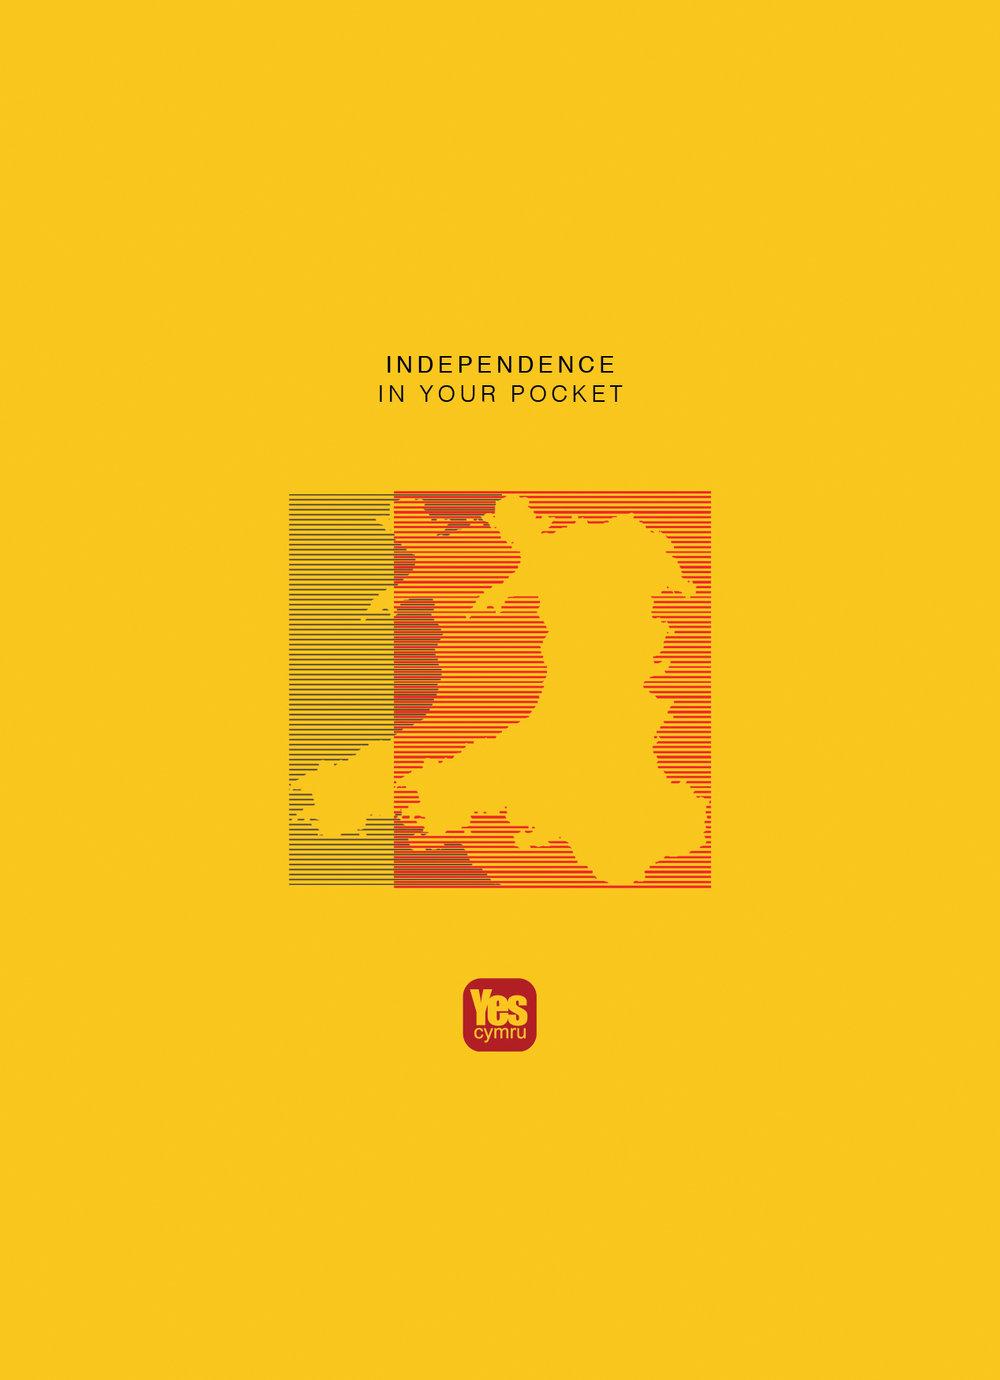 Independence in your Pocket / Annibyniaeth yn dy Boced  (2017)  Yes Cymru